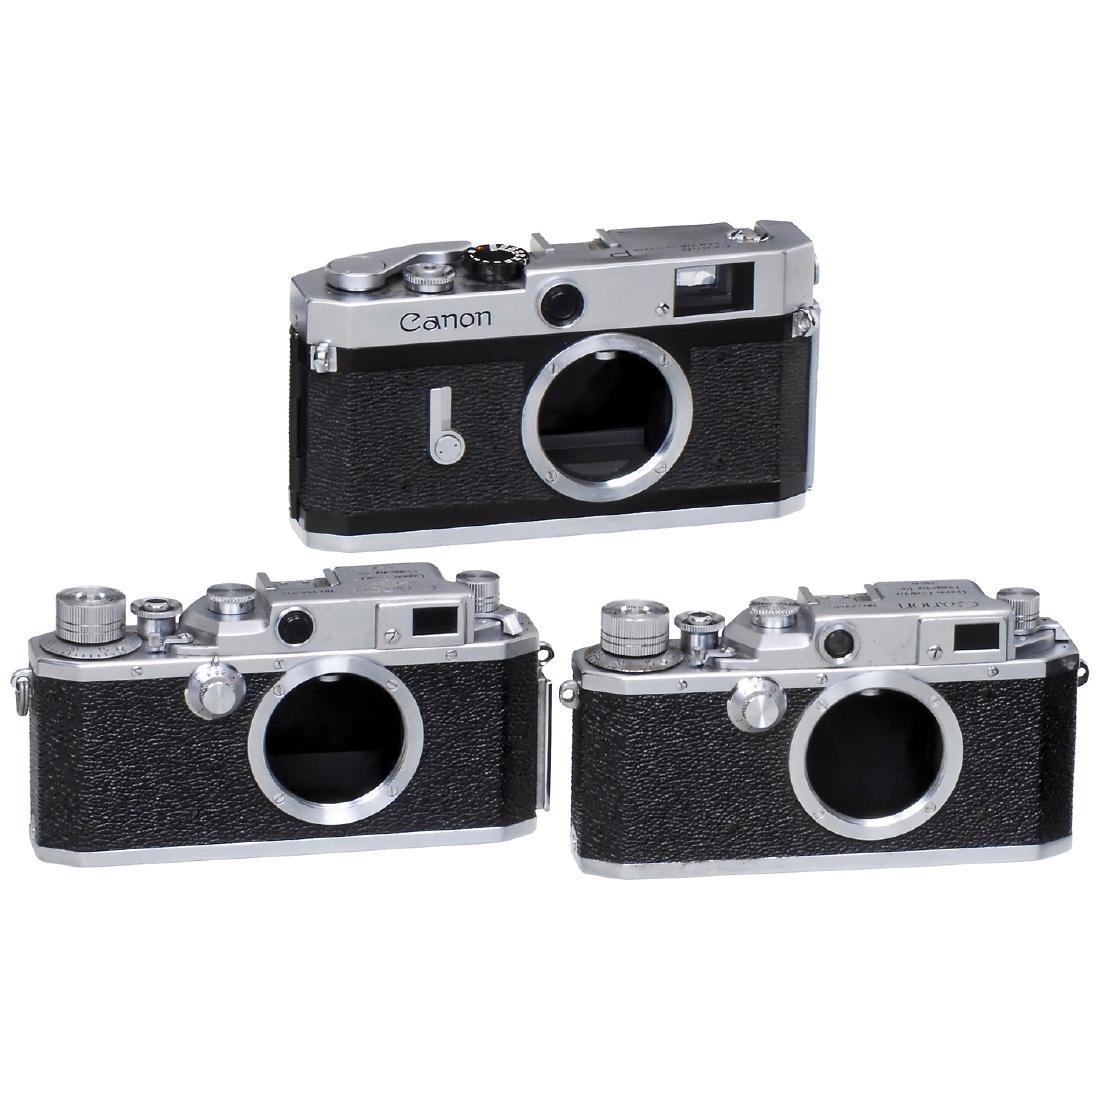 3 Canon Rangefinder Cameras